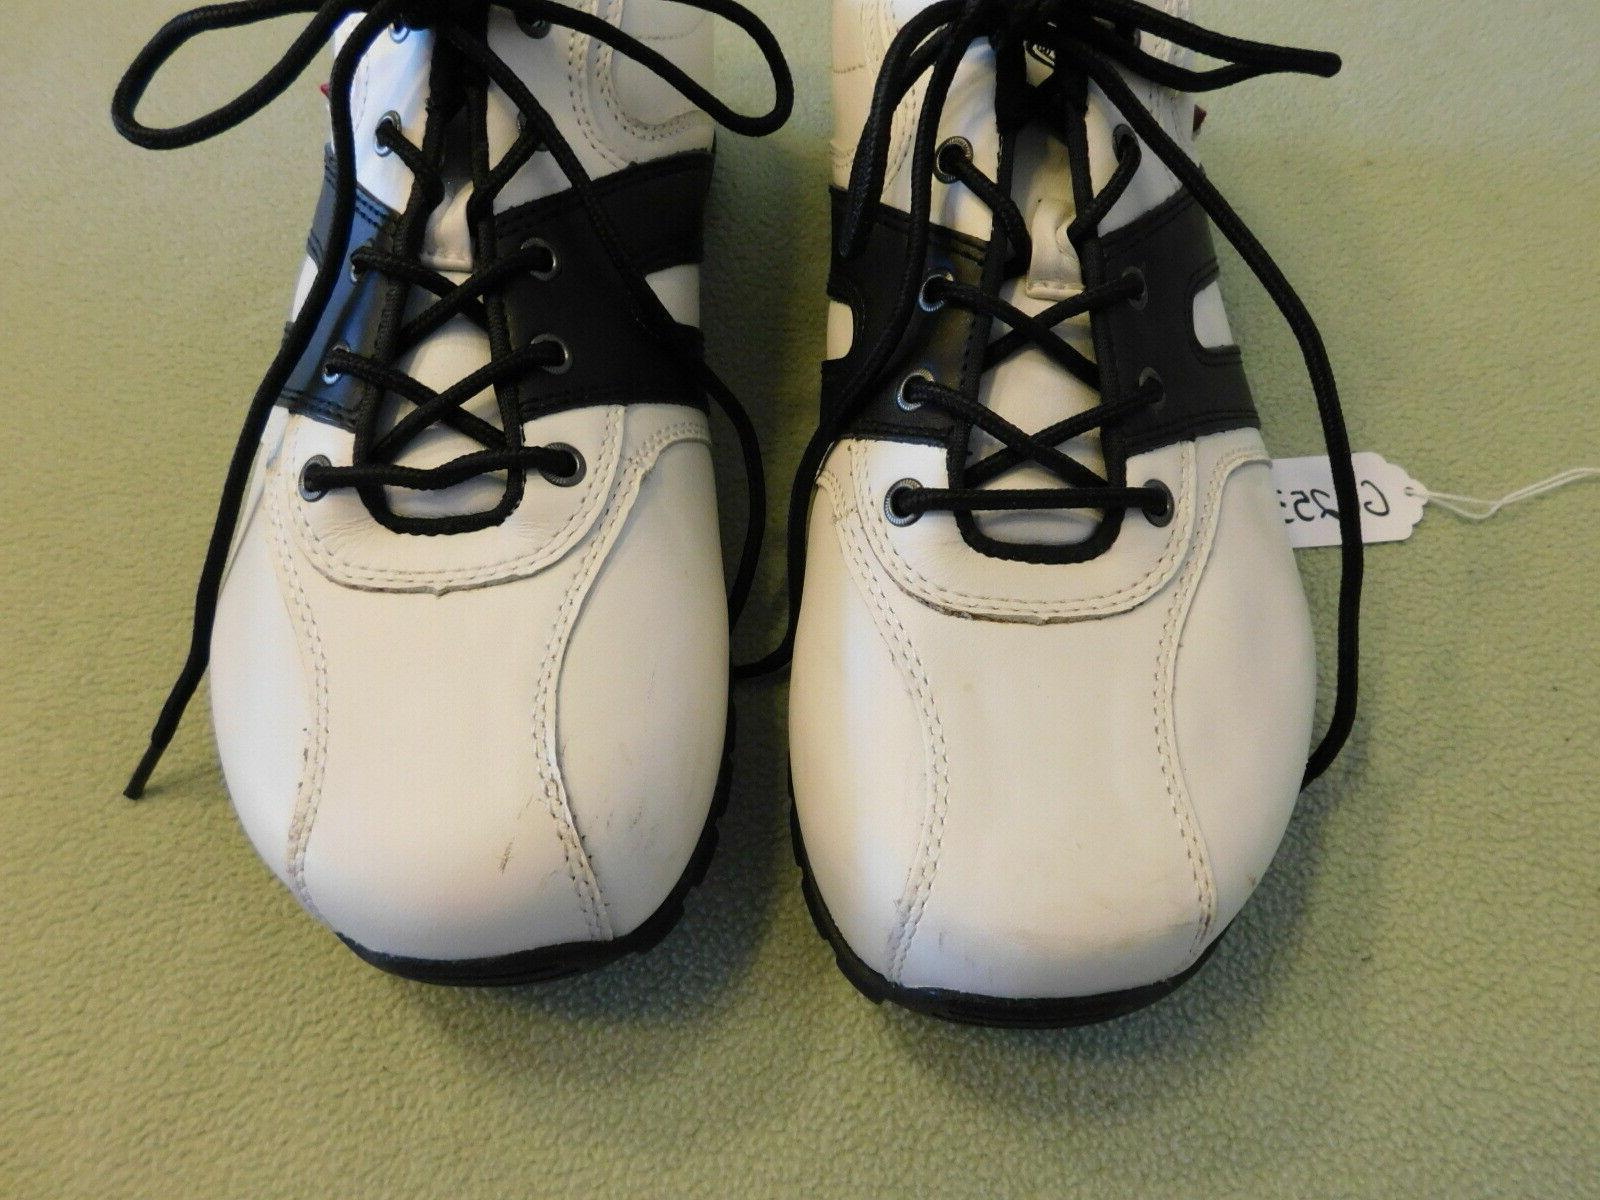 Bite Biofit Shoes Size 9.5 GC253